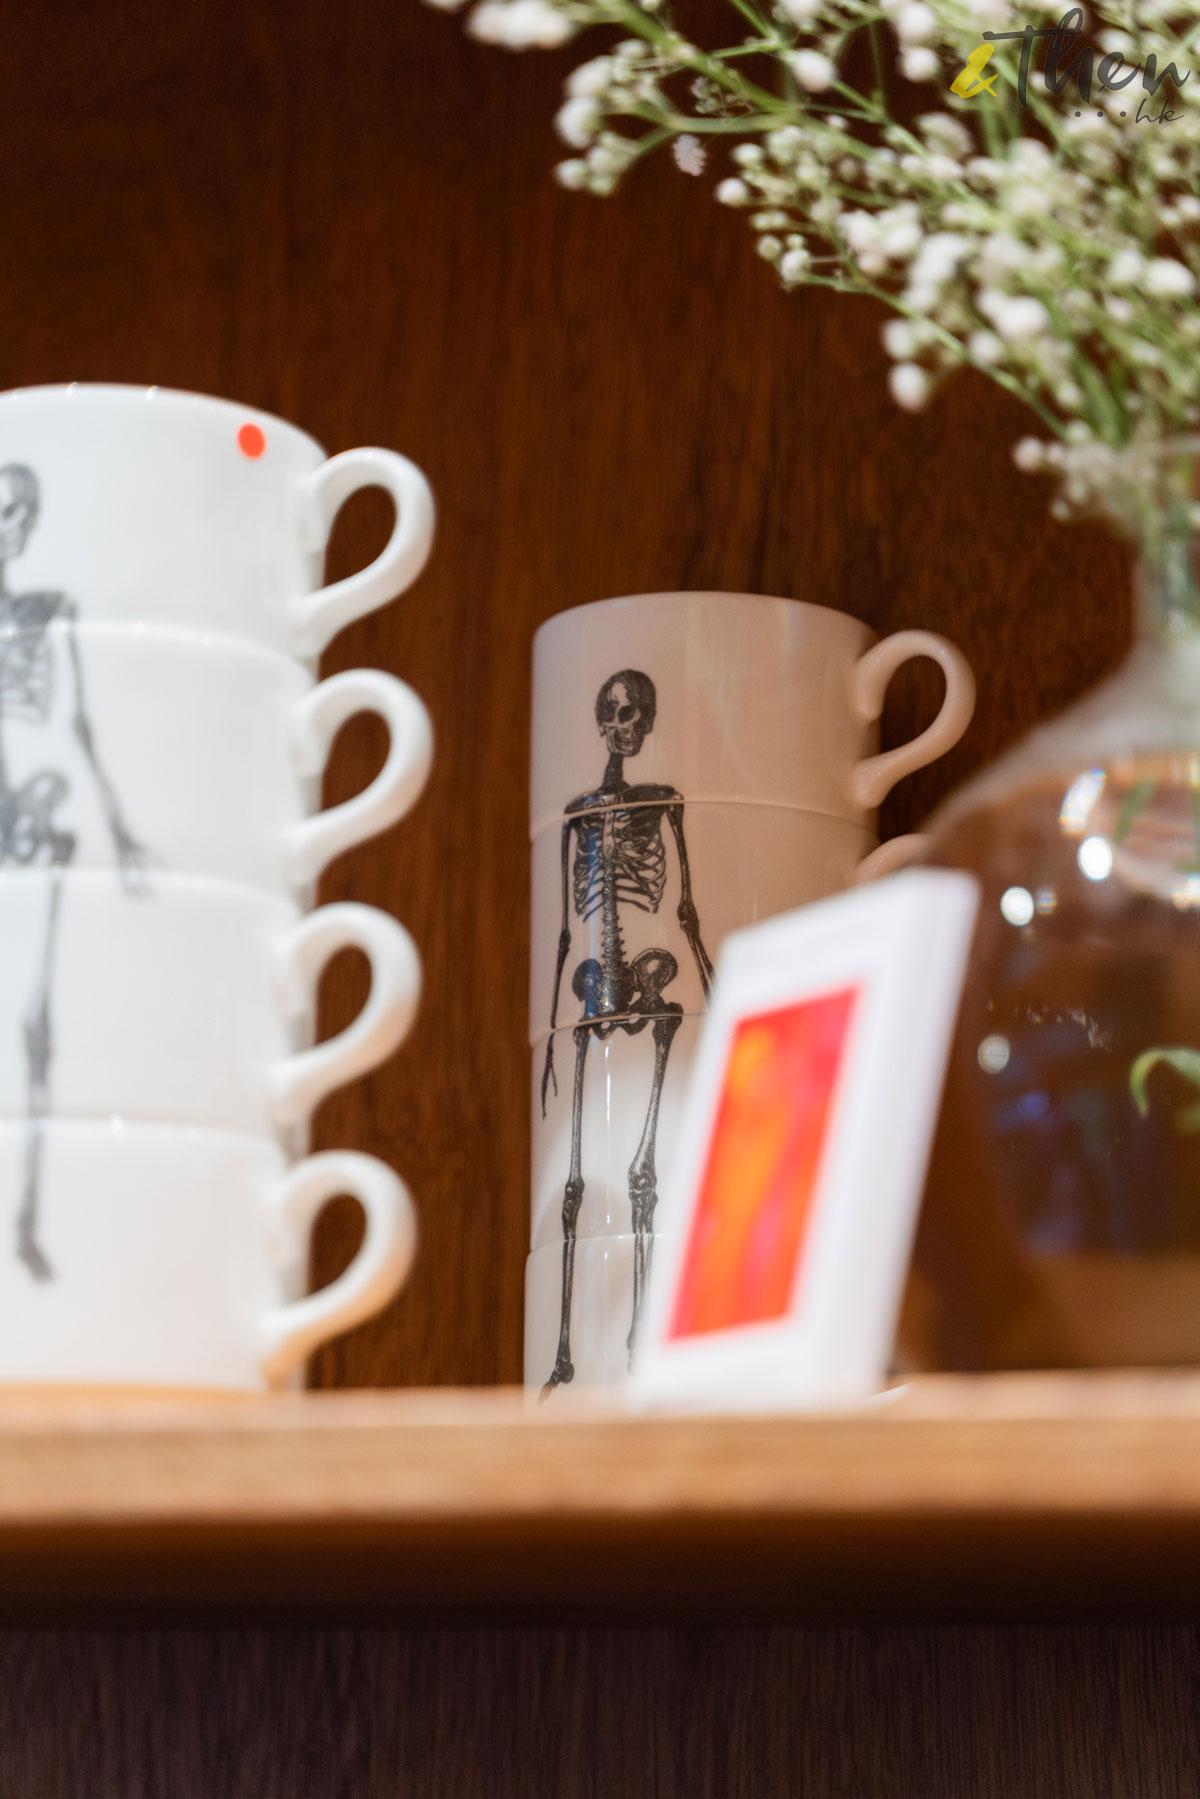 巷口舖 選物店 窗後巷 銅鑼灣 霎西街 本土品牌 骷嘍頭咖啡杯 南丫島 英國藝術家 Phoebe